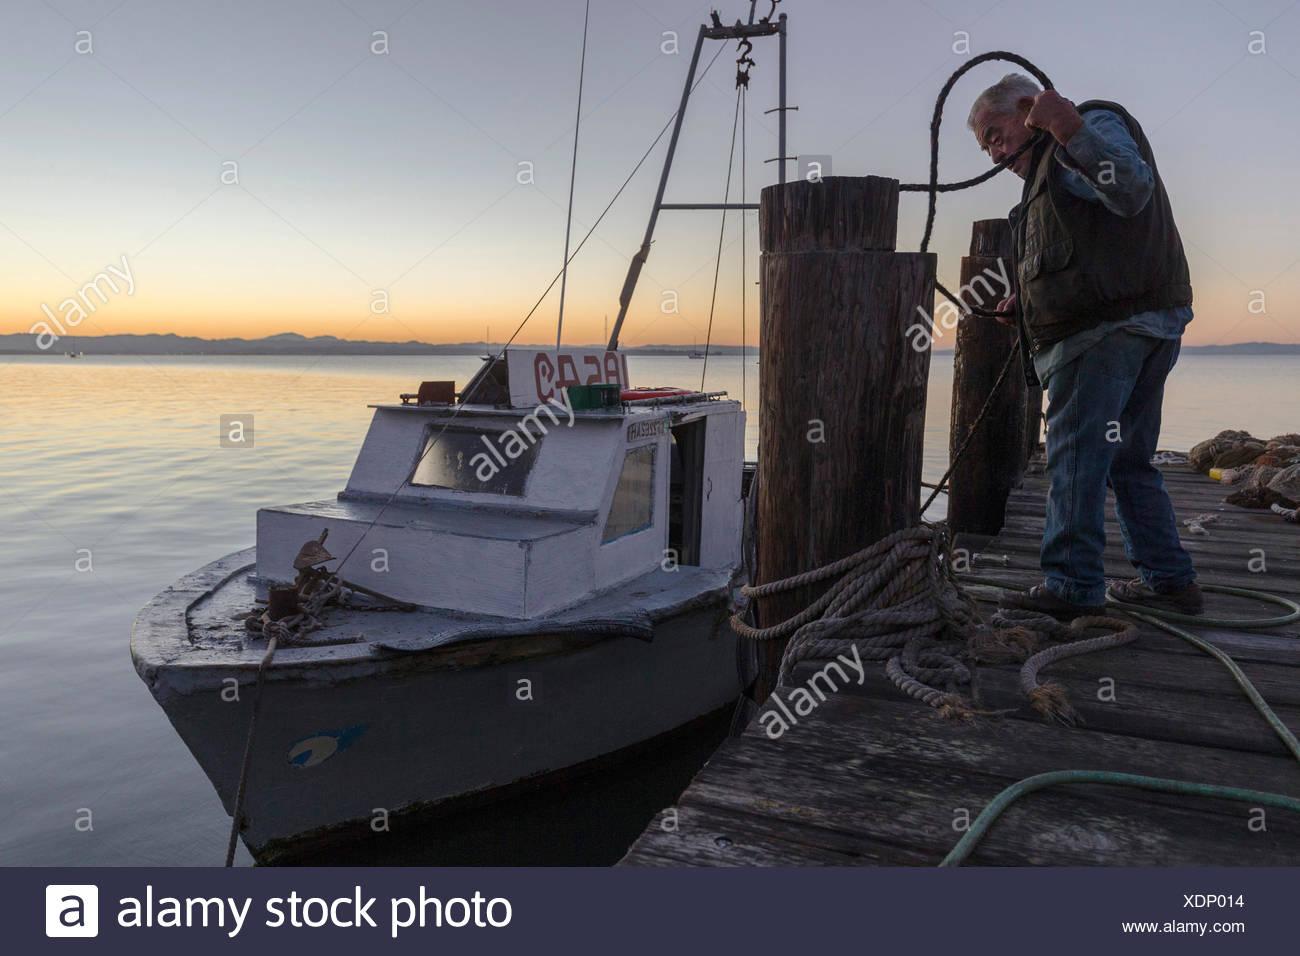 Pescatore di gamberetti in piedi sul molo vicino a barca al tramonto,Cina camp,California , Stati Uniti Immagini Stock